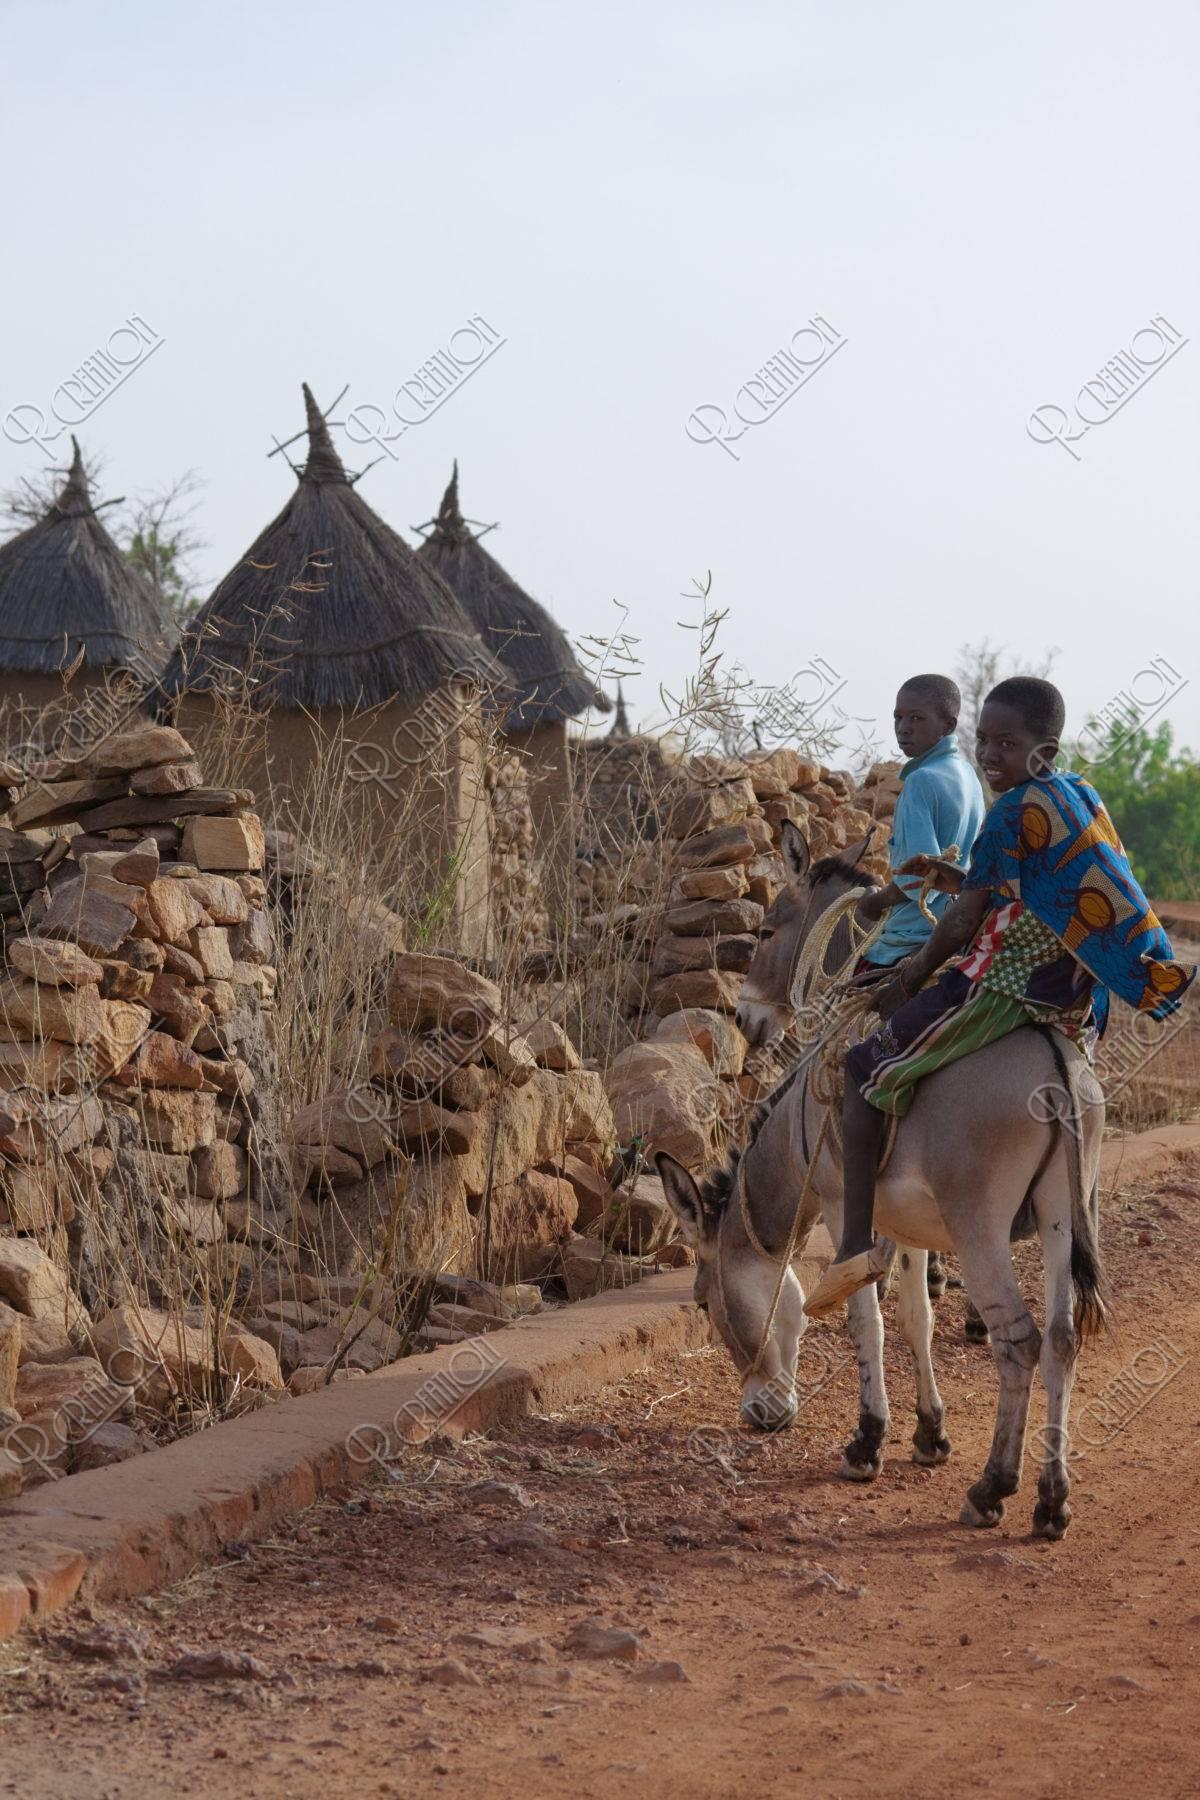 ドゴン族の伝統的住居